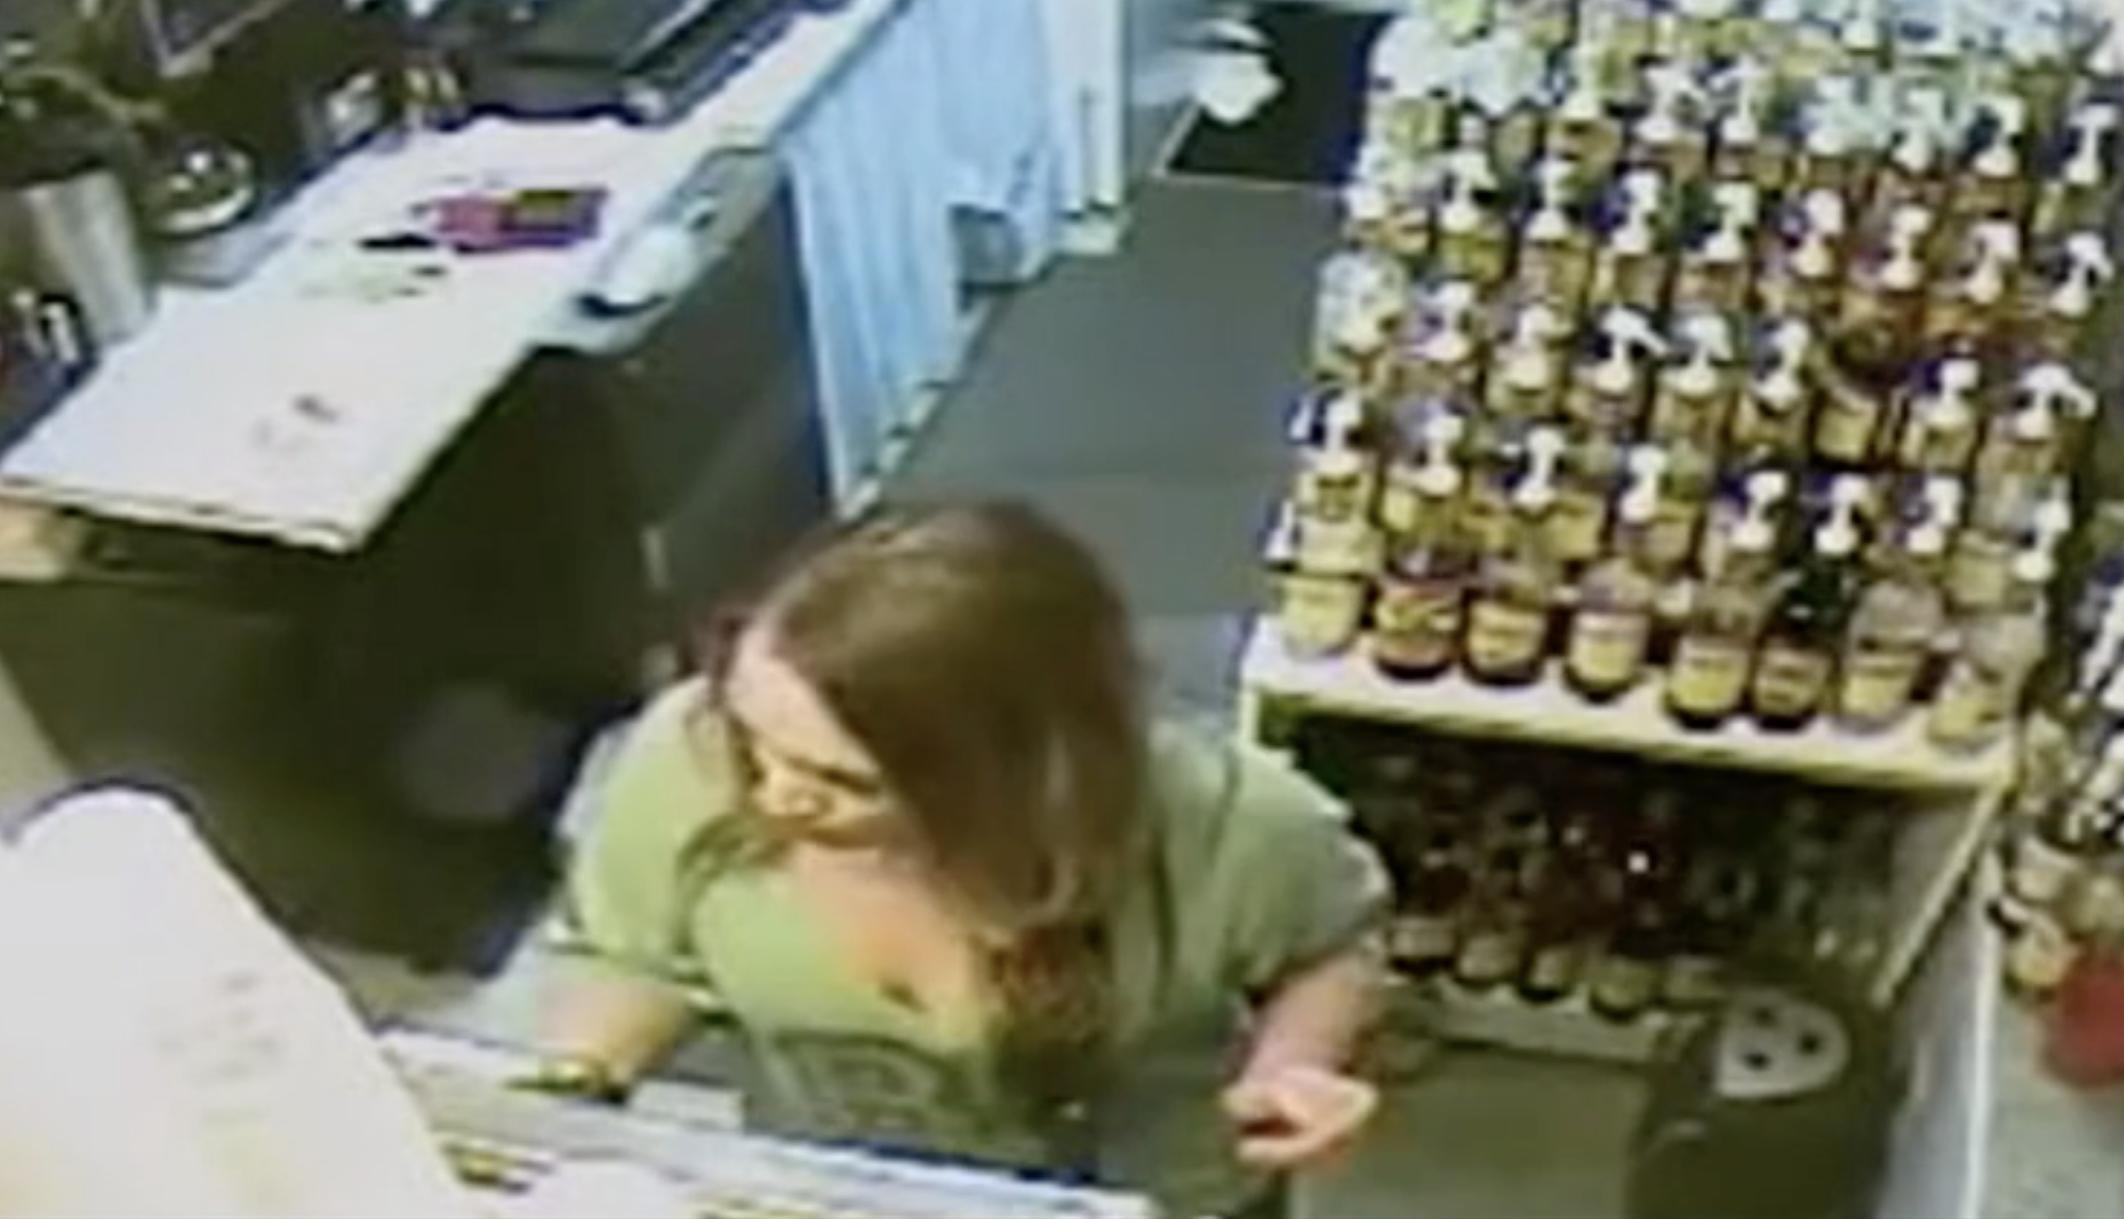 צפו בסרטוני מעקב אחר רוצח סדרתי מפתחות ישראל שחוטפים את קורבנו הסופי הידוע